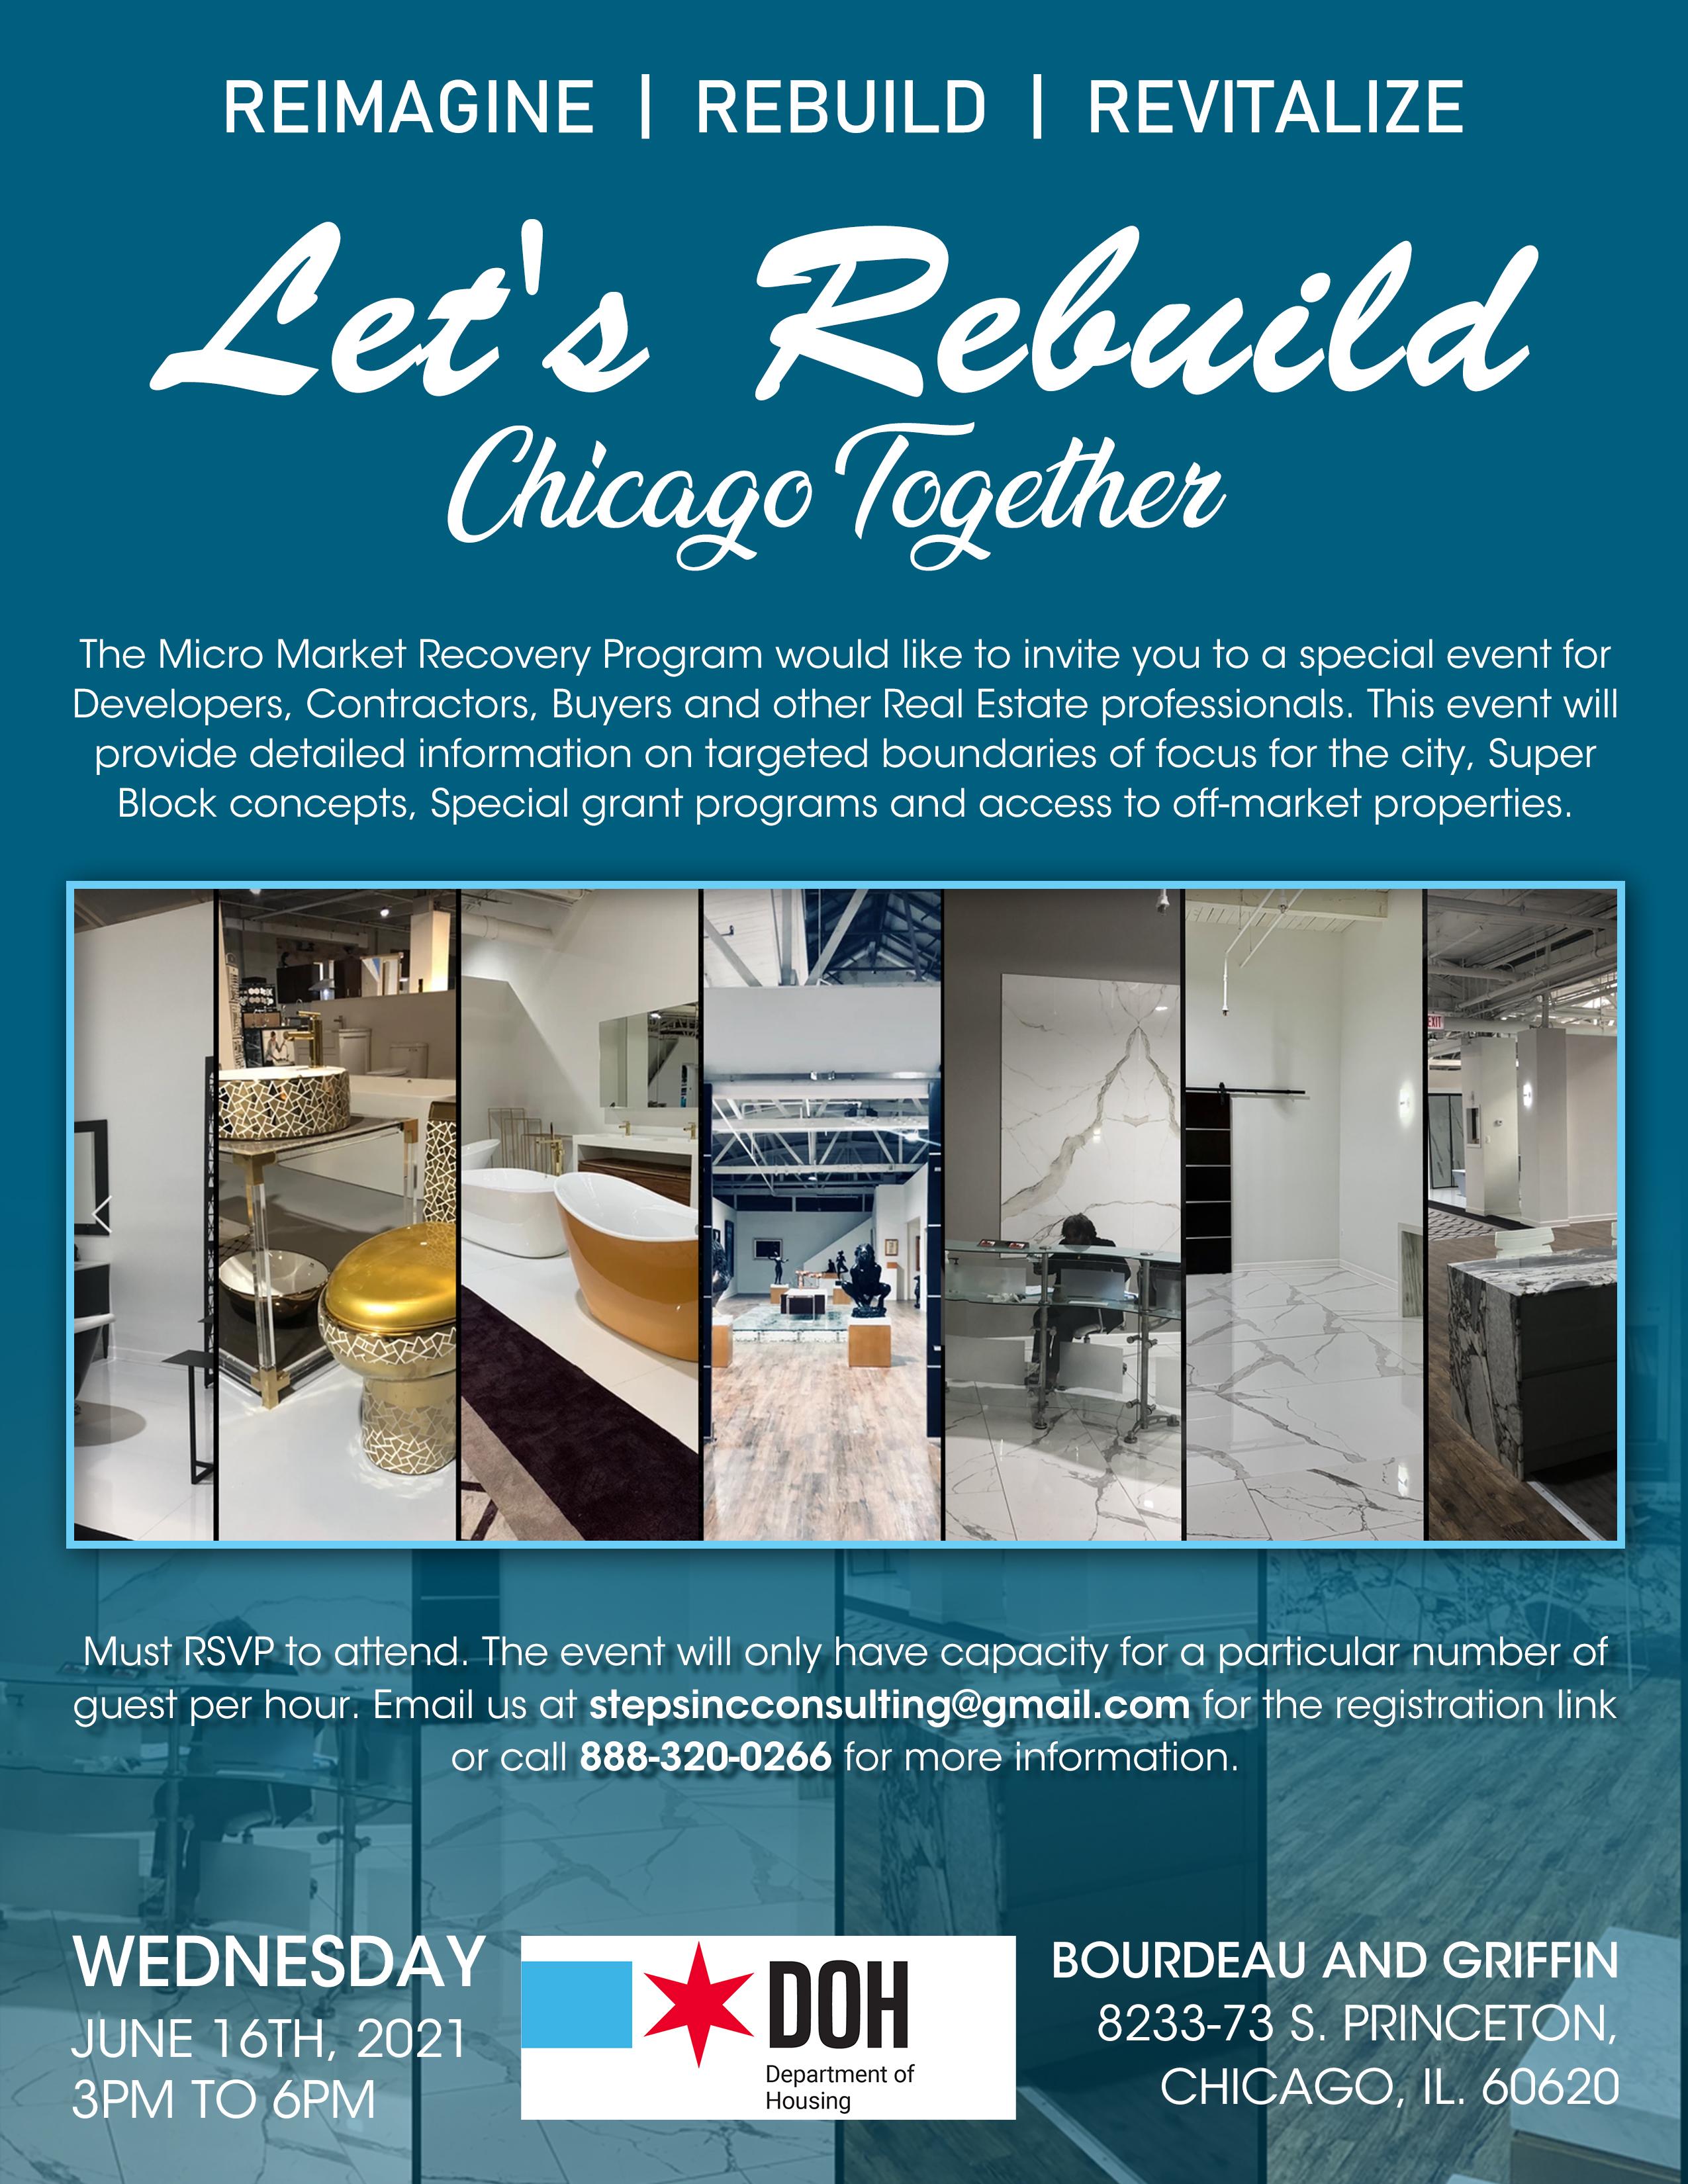 Let's Rebuild Chicago Together